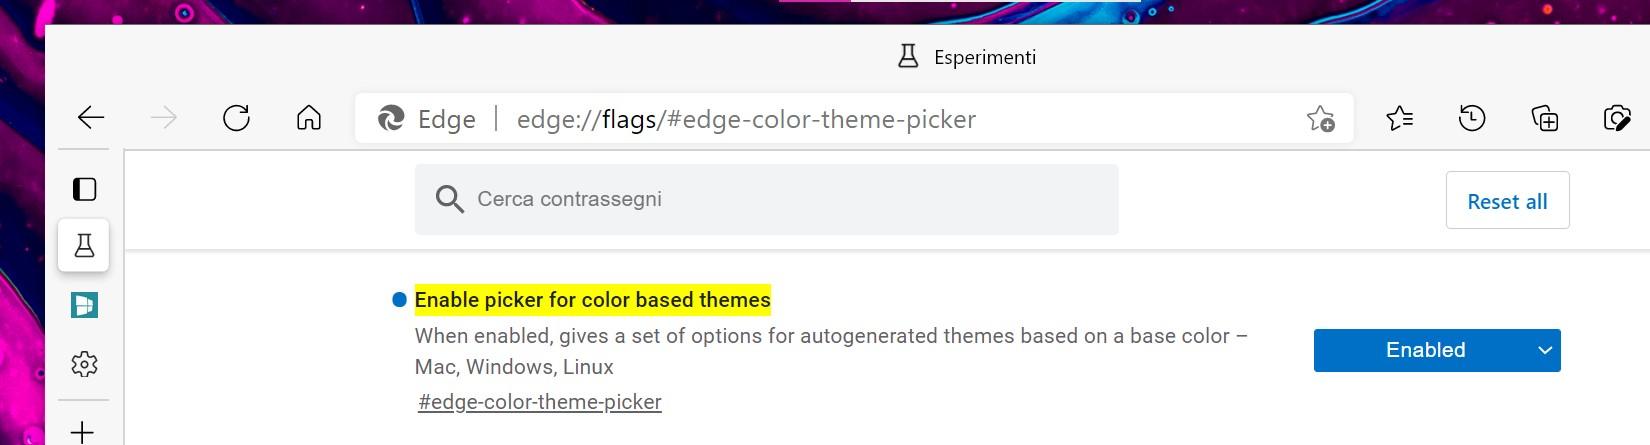 Microsoft Edge - Flag per abilitare i temi colorati